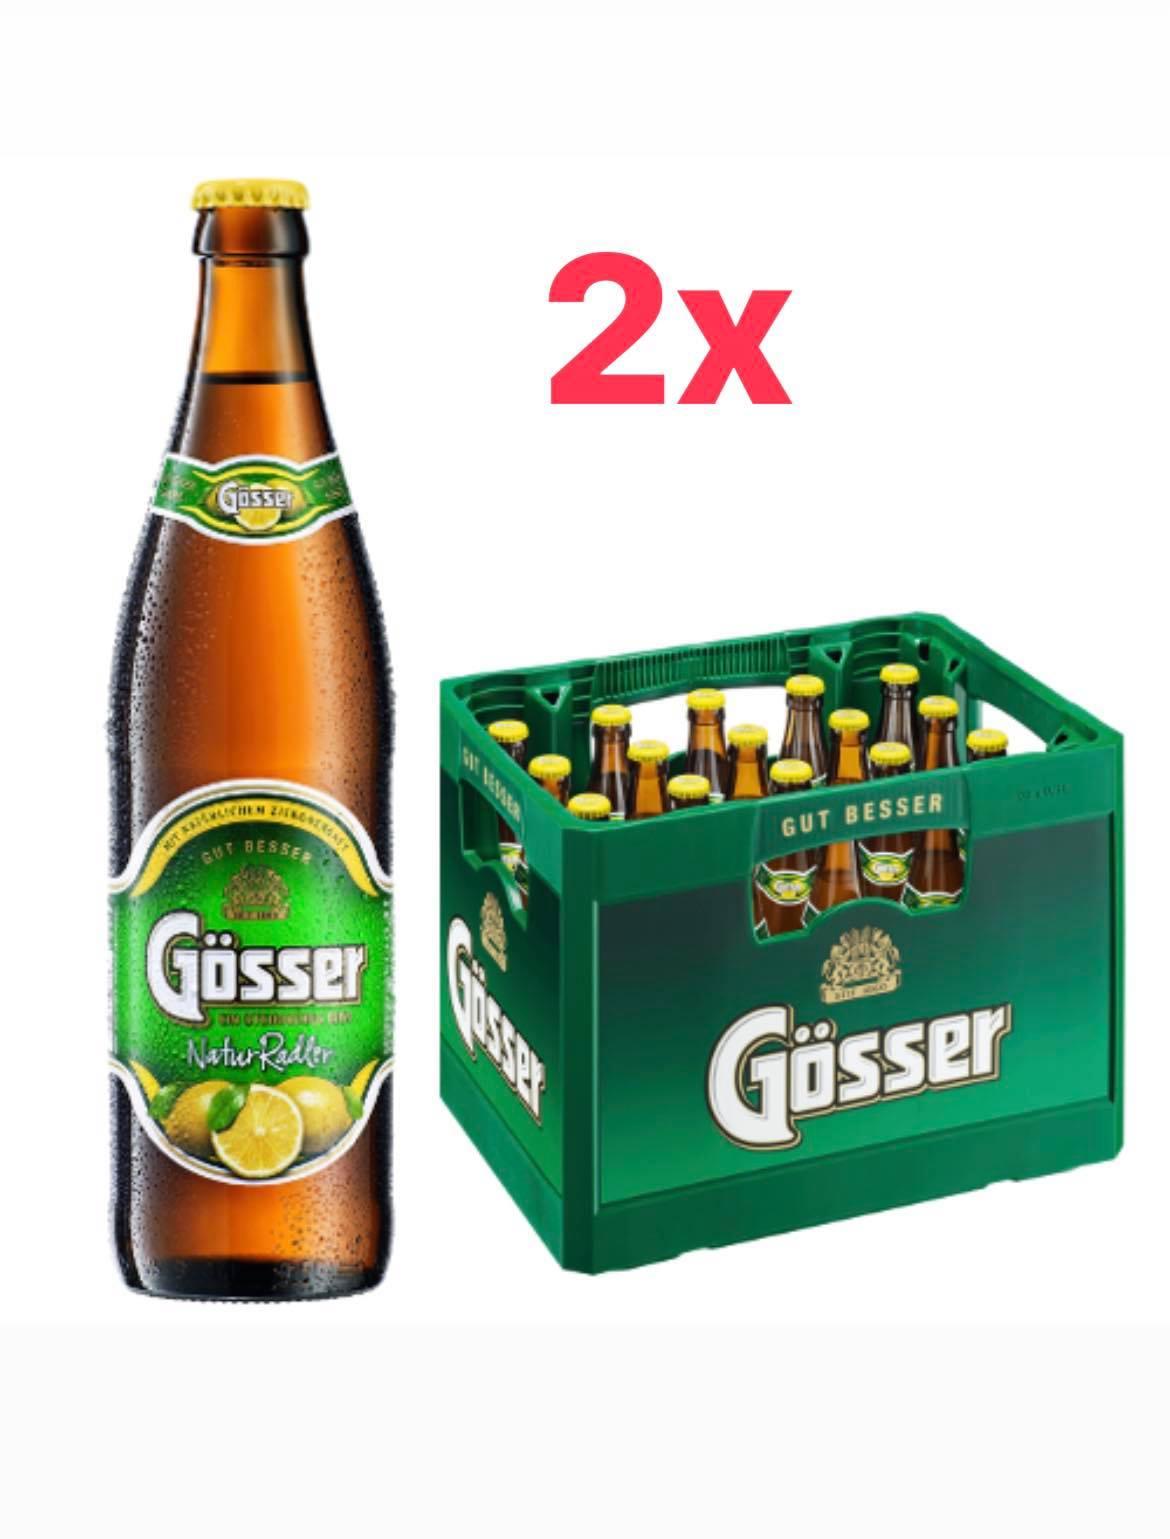 Gösser Natur Radler, 2x 20 x 0,5l für 22€ (zzgl 3,10€/Kasten Pfand) [Netto Marken-Discount - wohl regional]